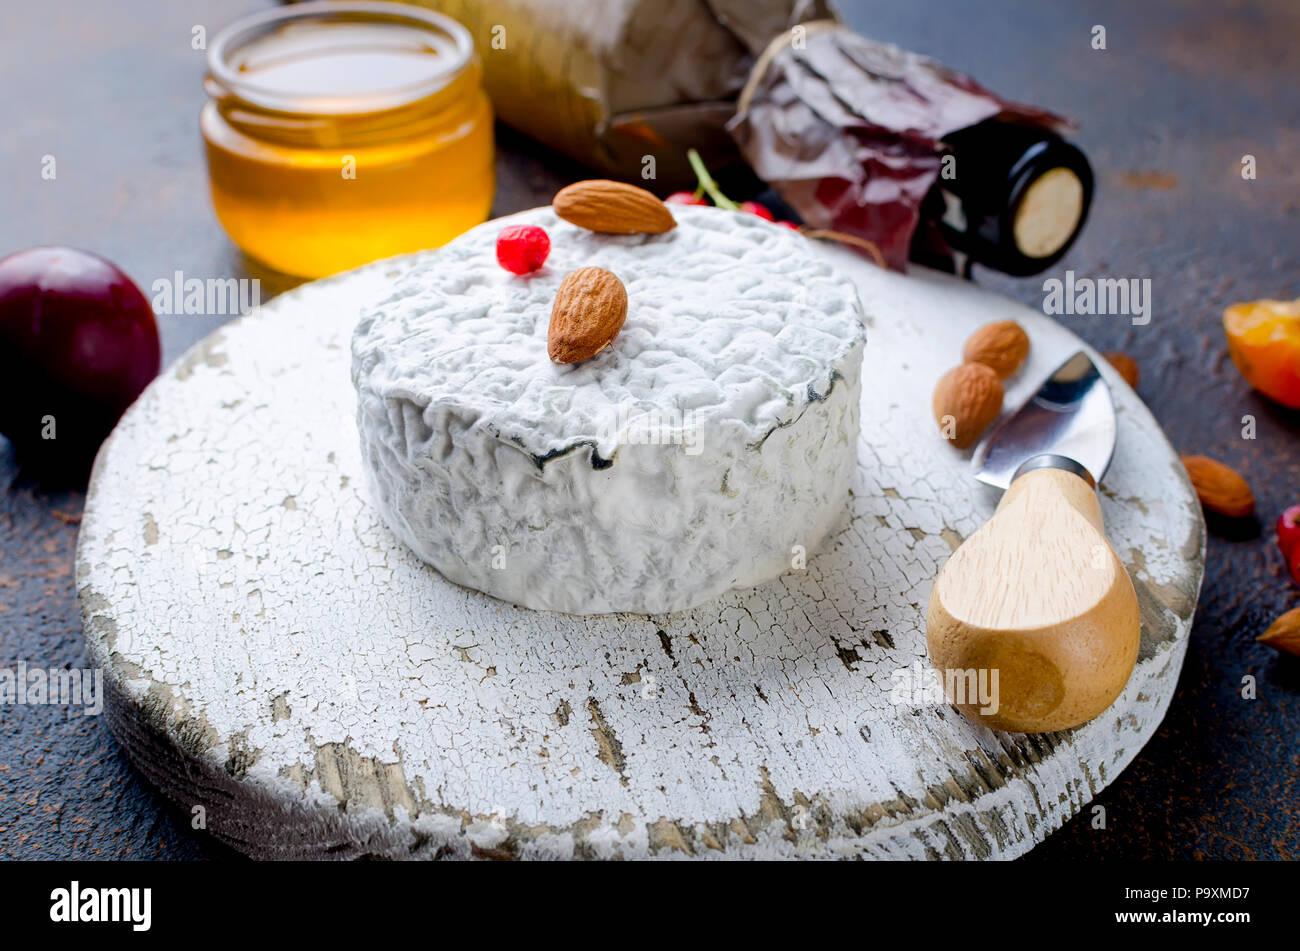 Tête ronde de fromage bleu avec du miel, de cassis, de fruits à coque et une bouteille de vin sur un tableau sombre, concept de gastronomie, fromage italien, romantique ev Photo Stock